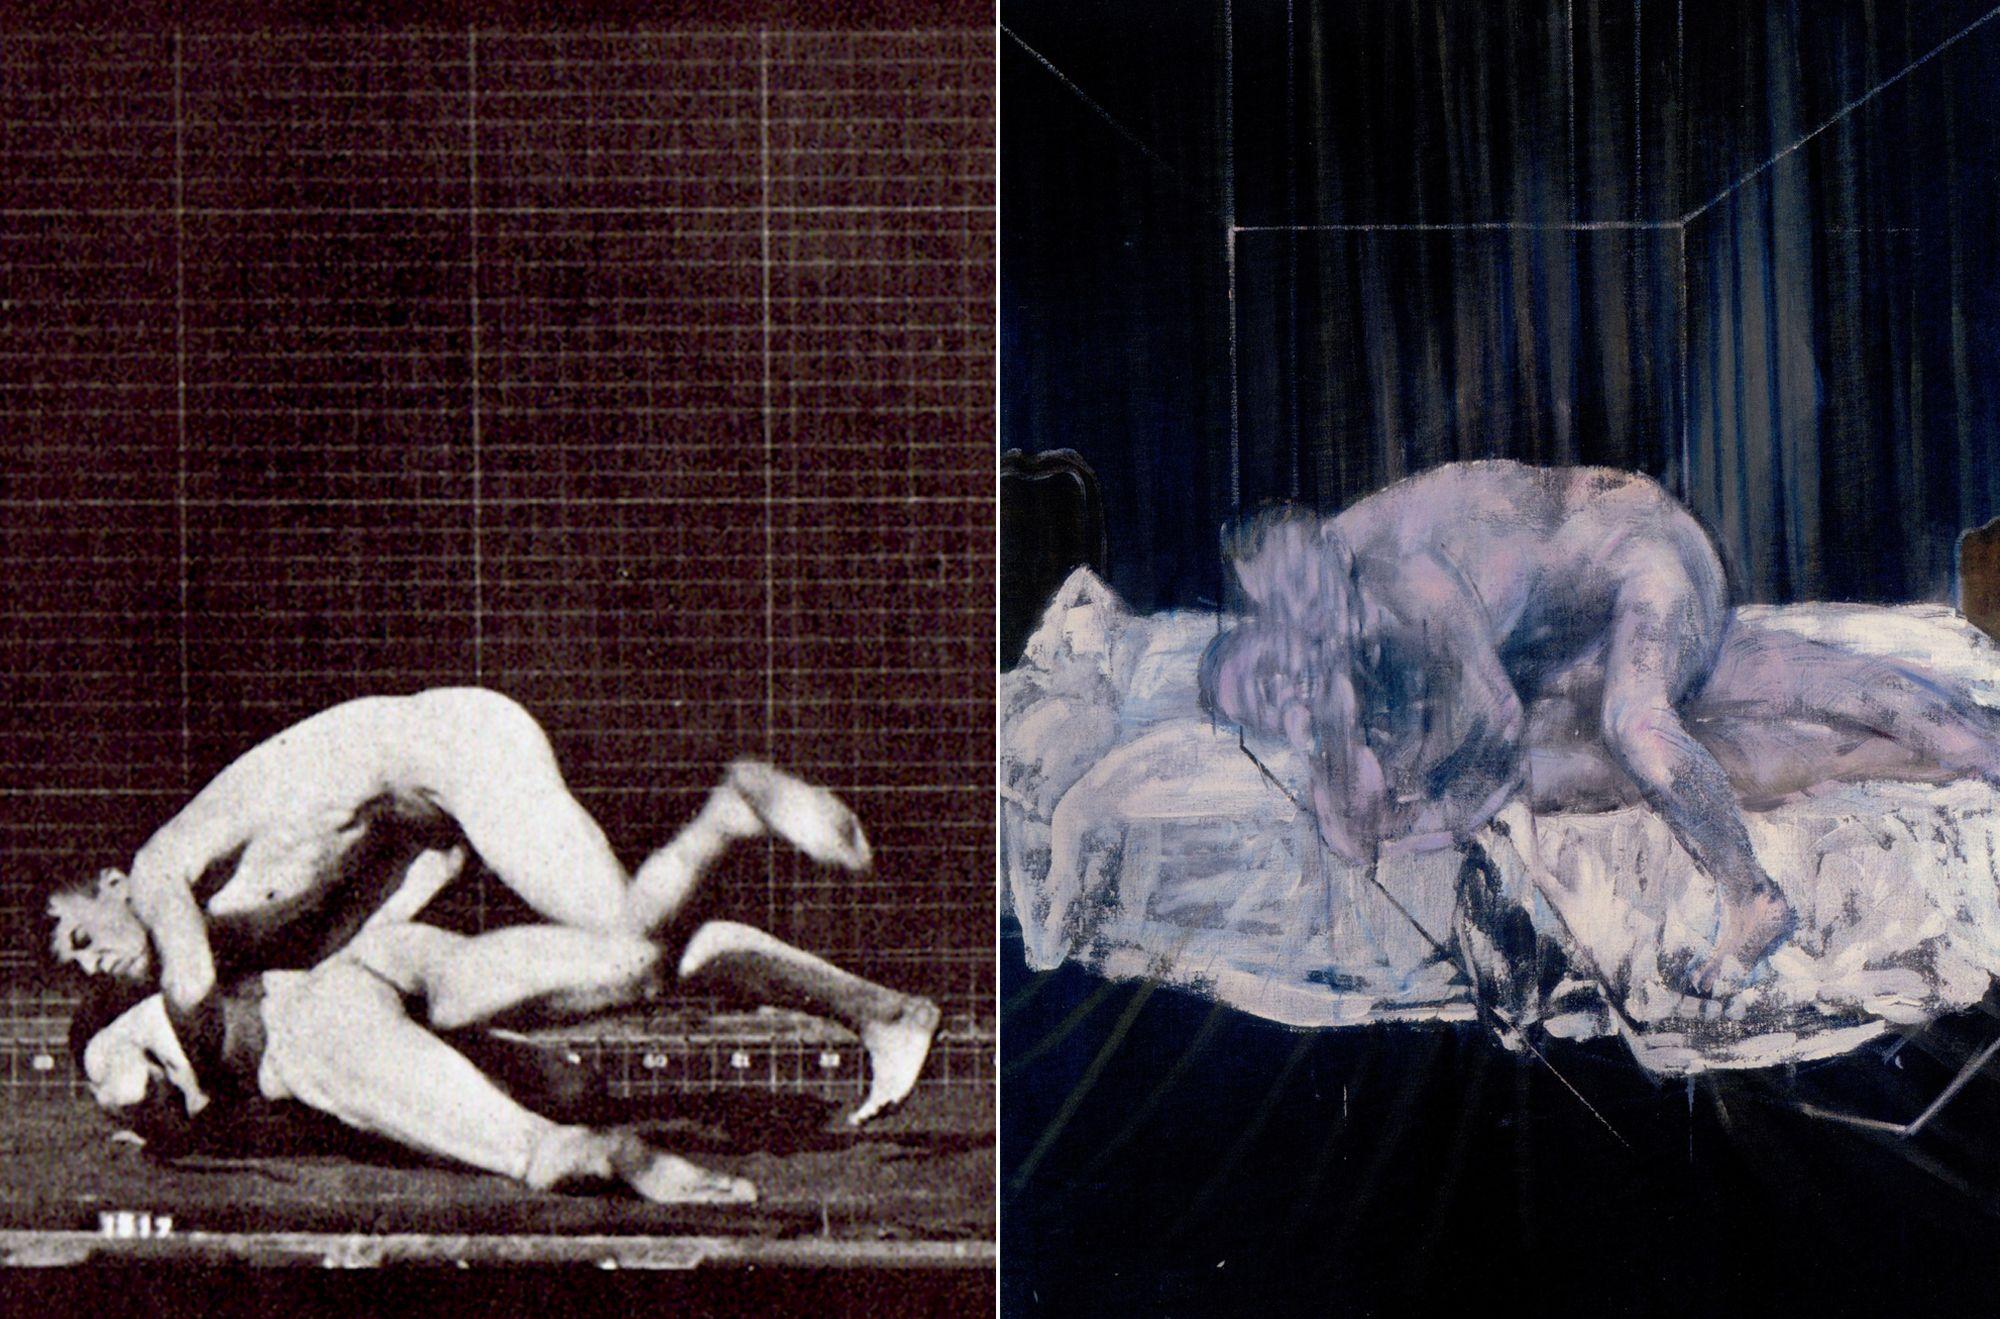 Edward Muybridge, 'Wrestlers', c. 1880's. & Francis Bacon, 'Two Figures', 1953. Photo: Pinterest